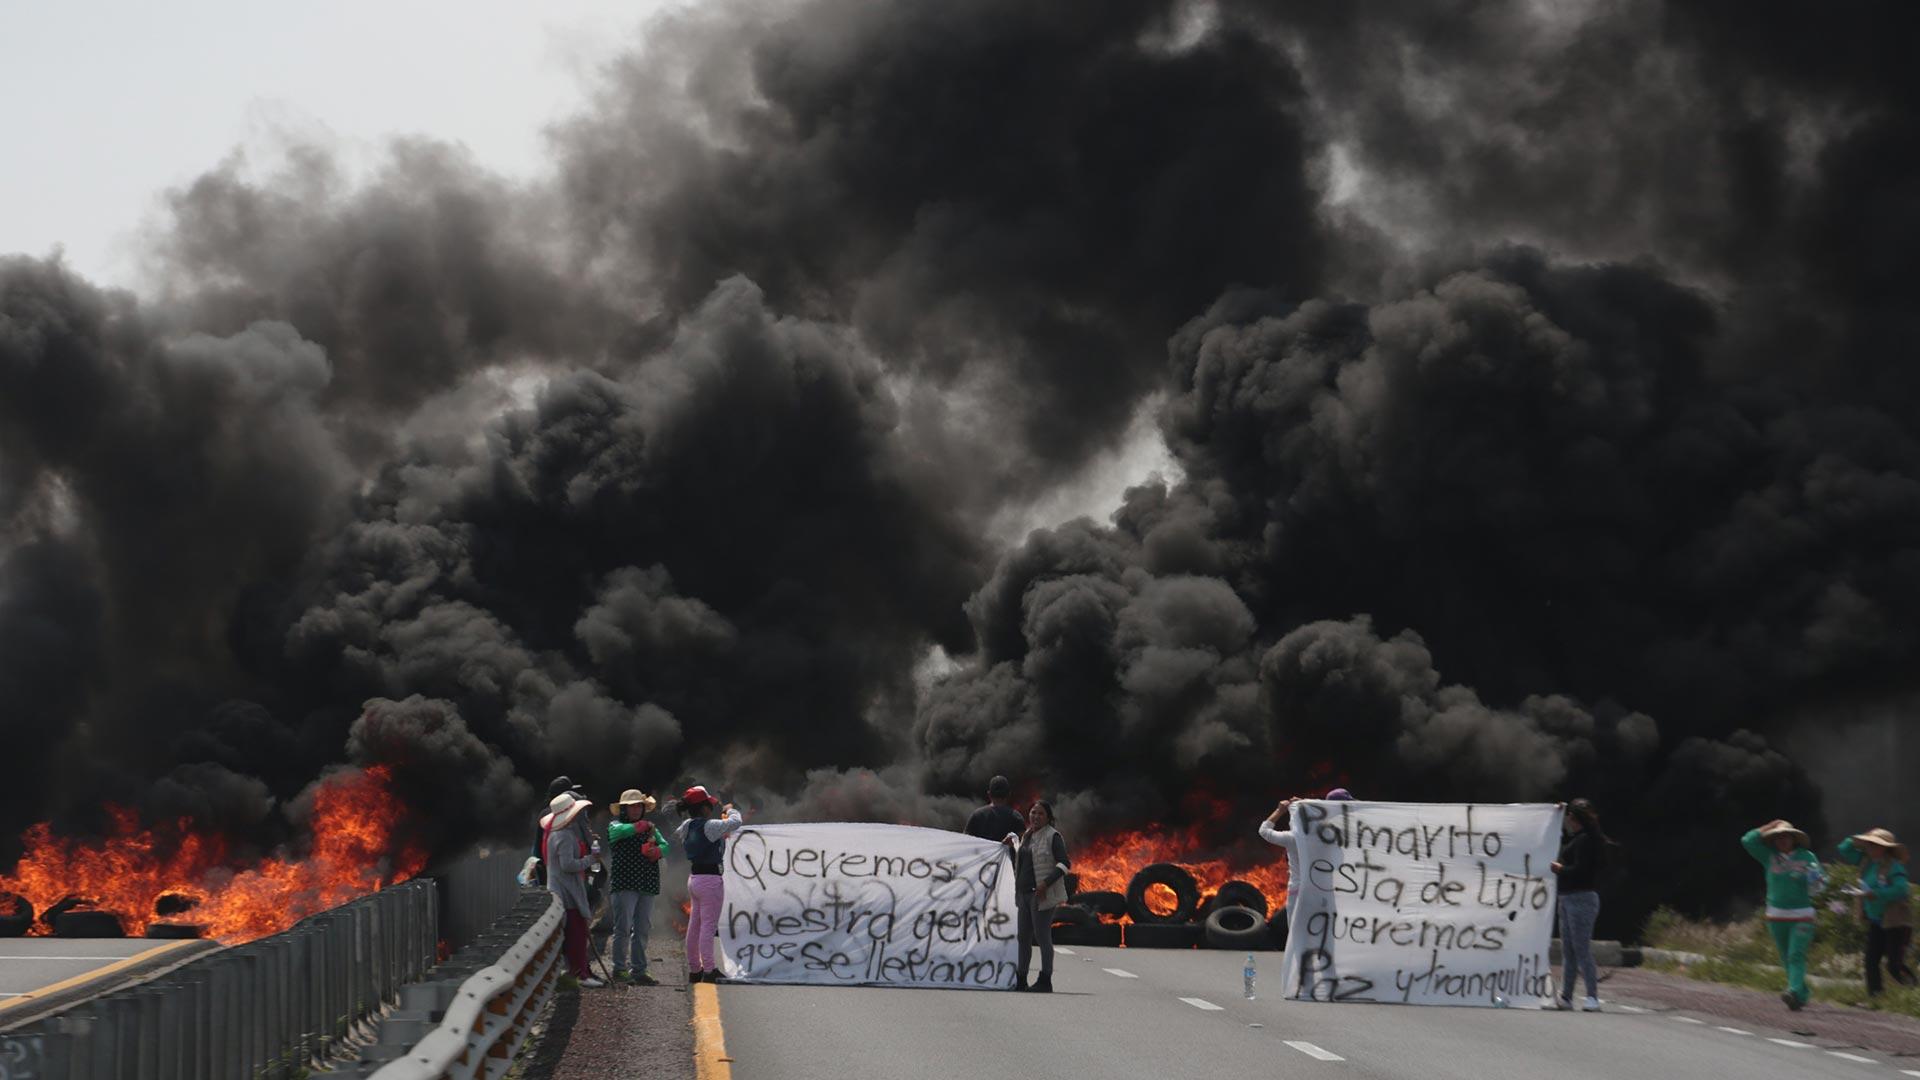 Investigaciones recientes apuntan a que el robo de combustible sería una importante fuente de ingresos para el crimen. (Foto: AFP)